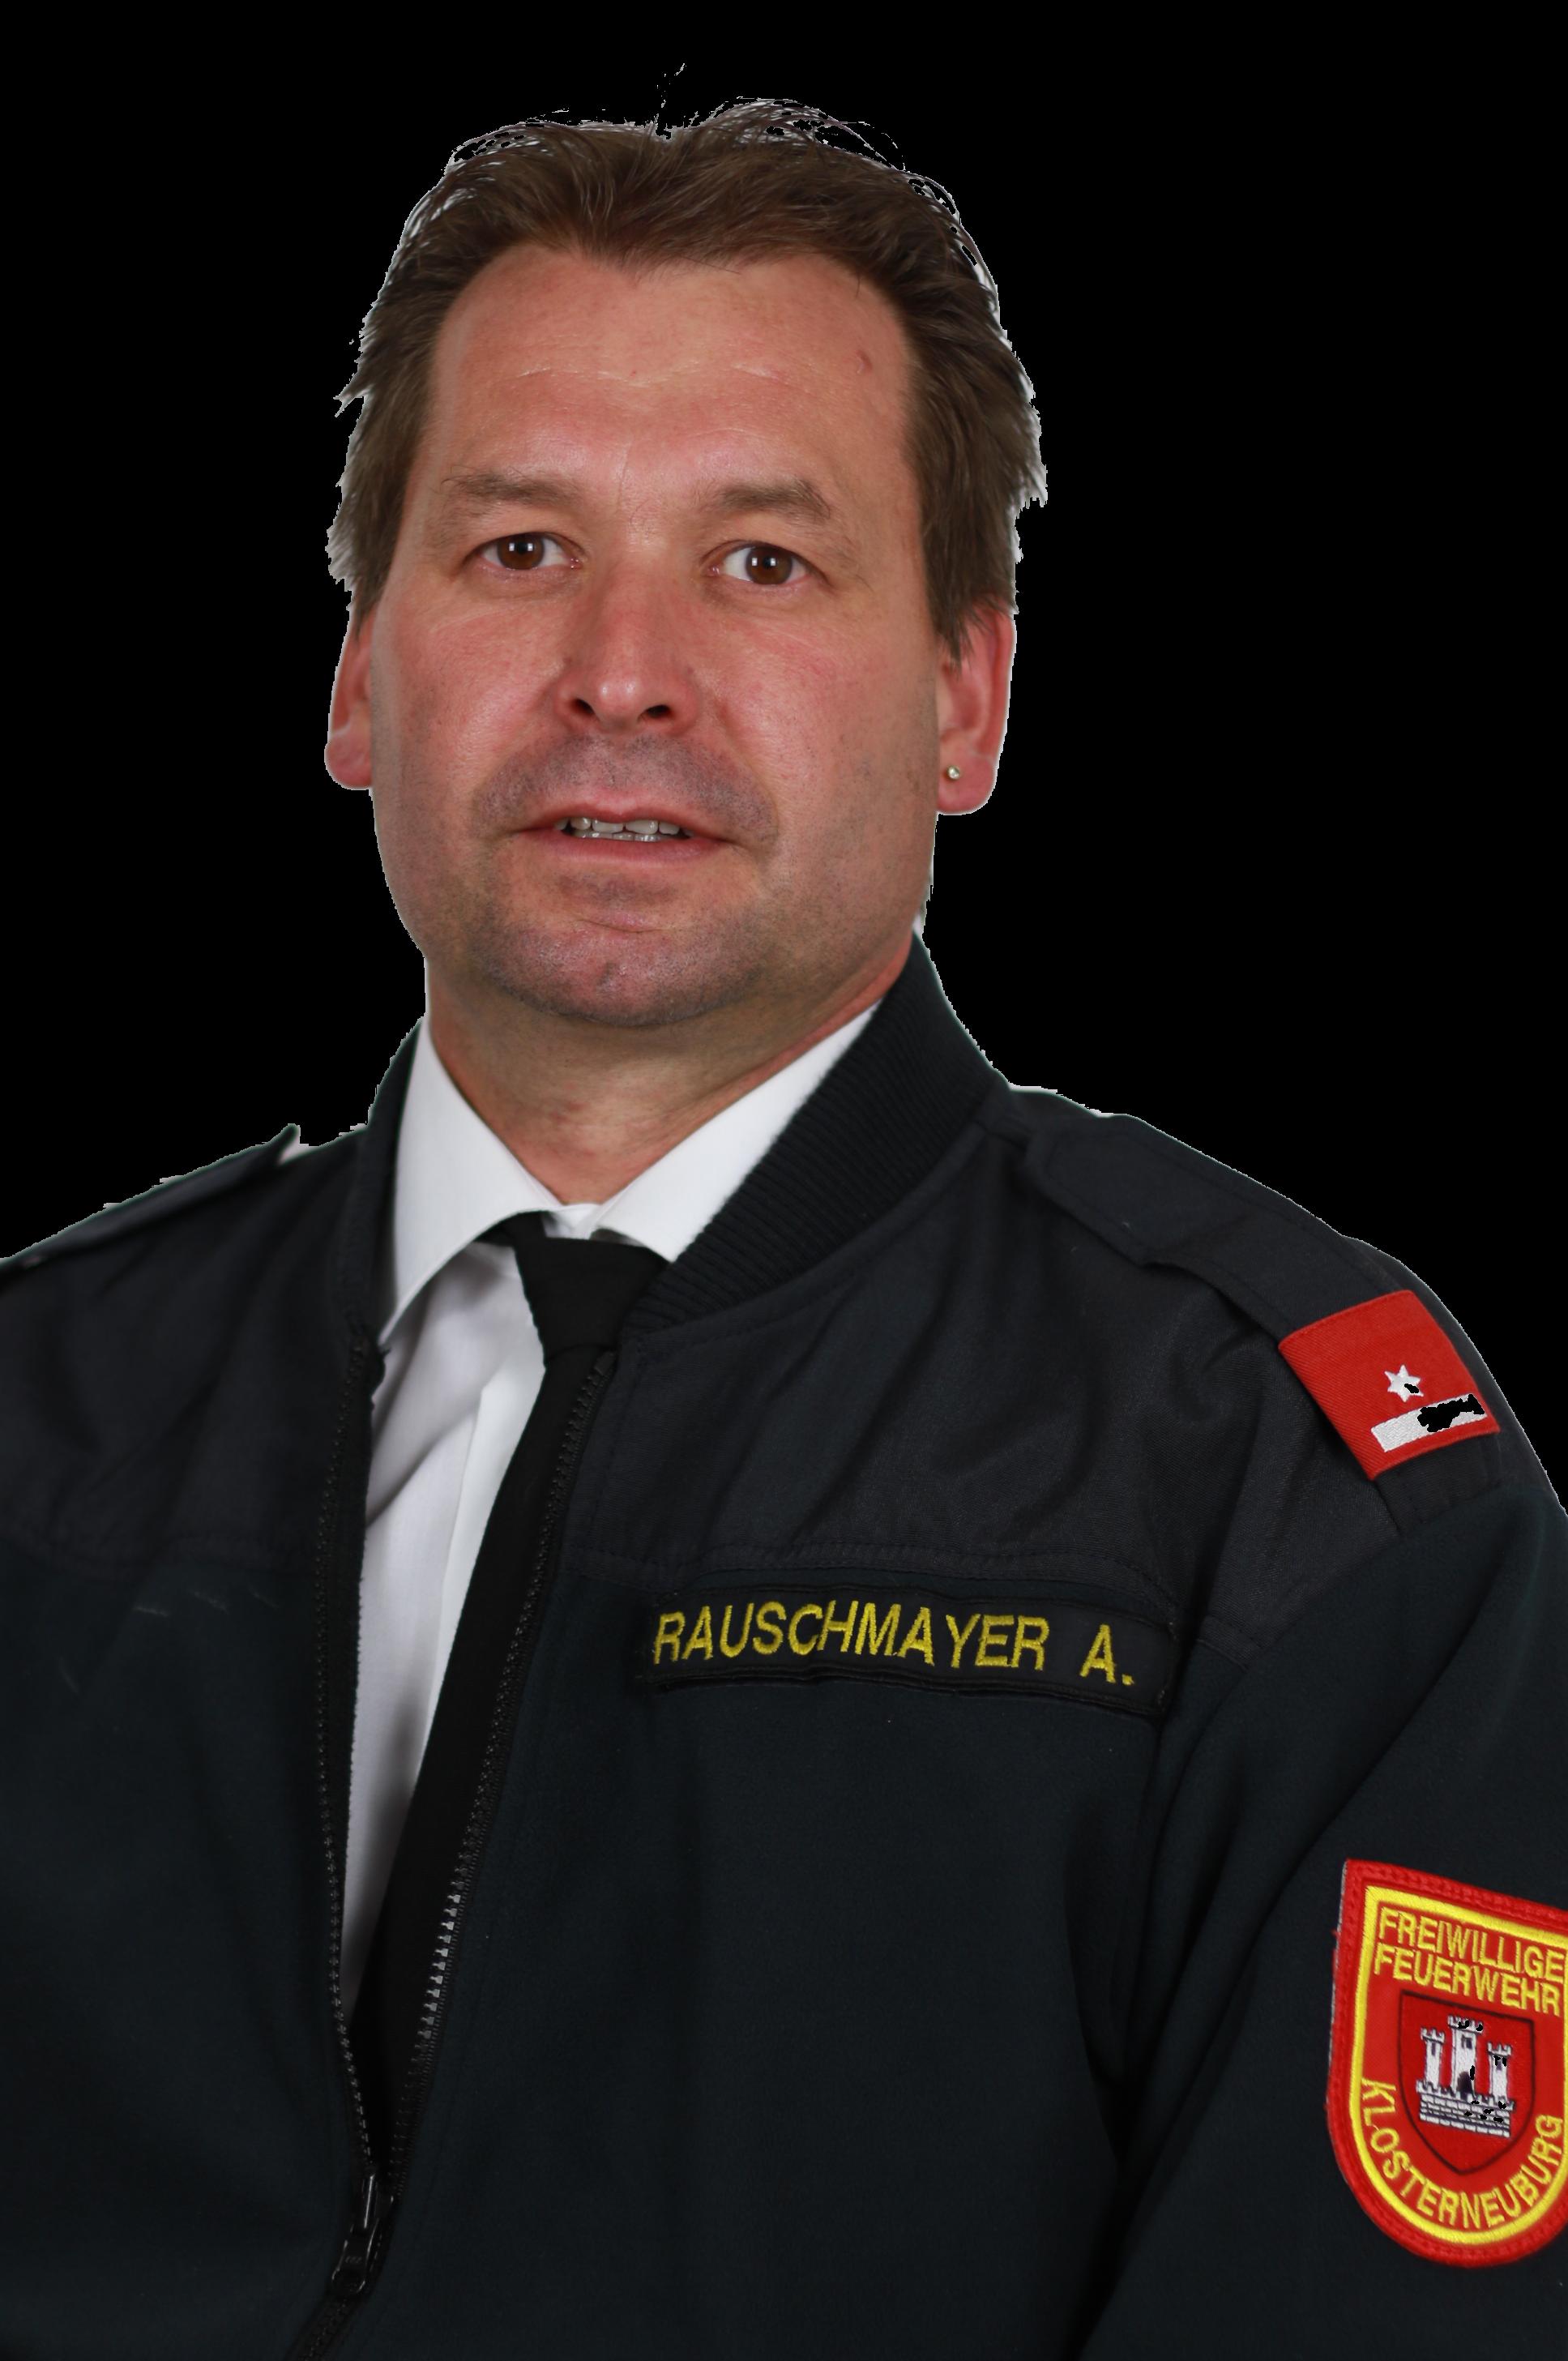 Alexander RAUSCHMAYER